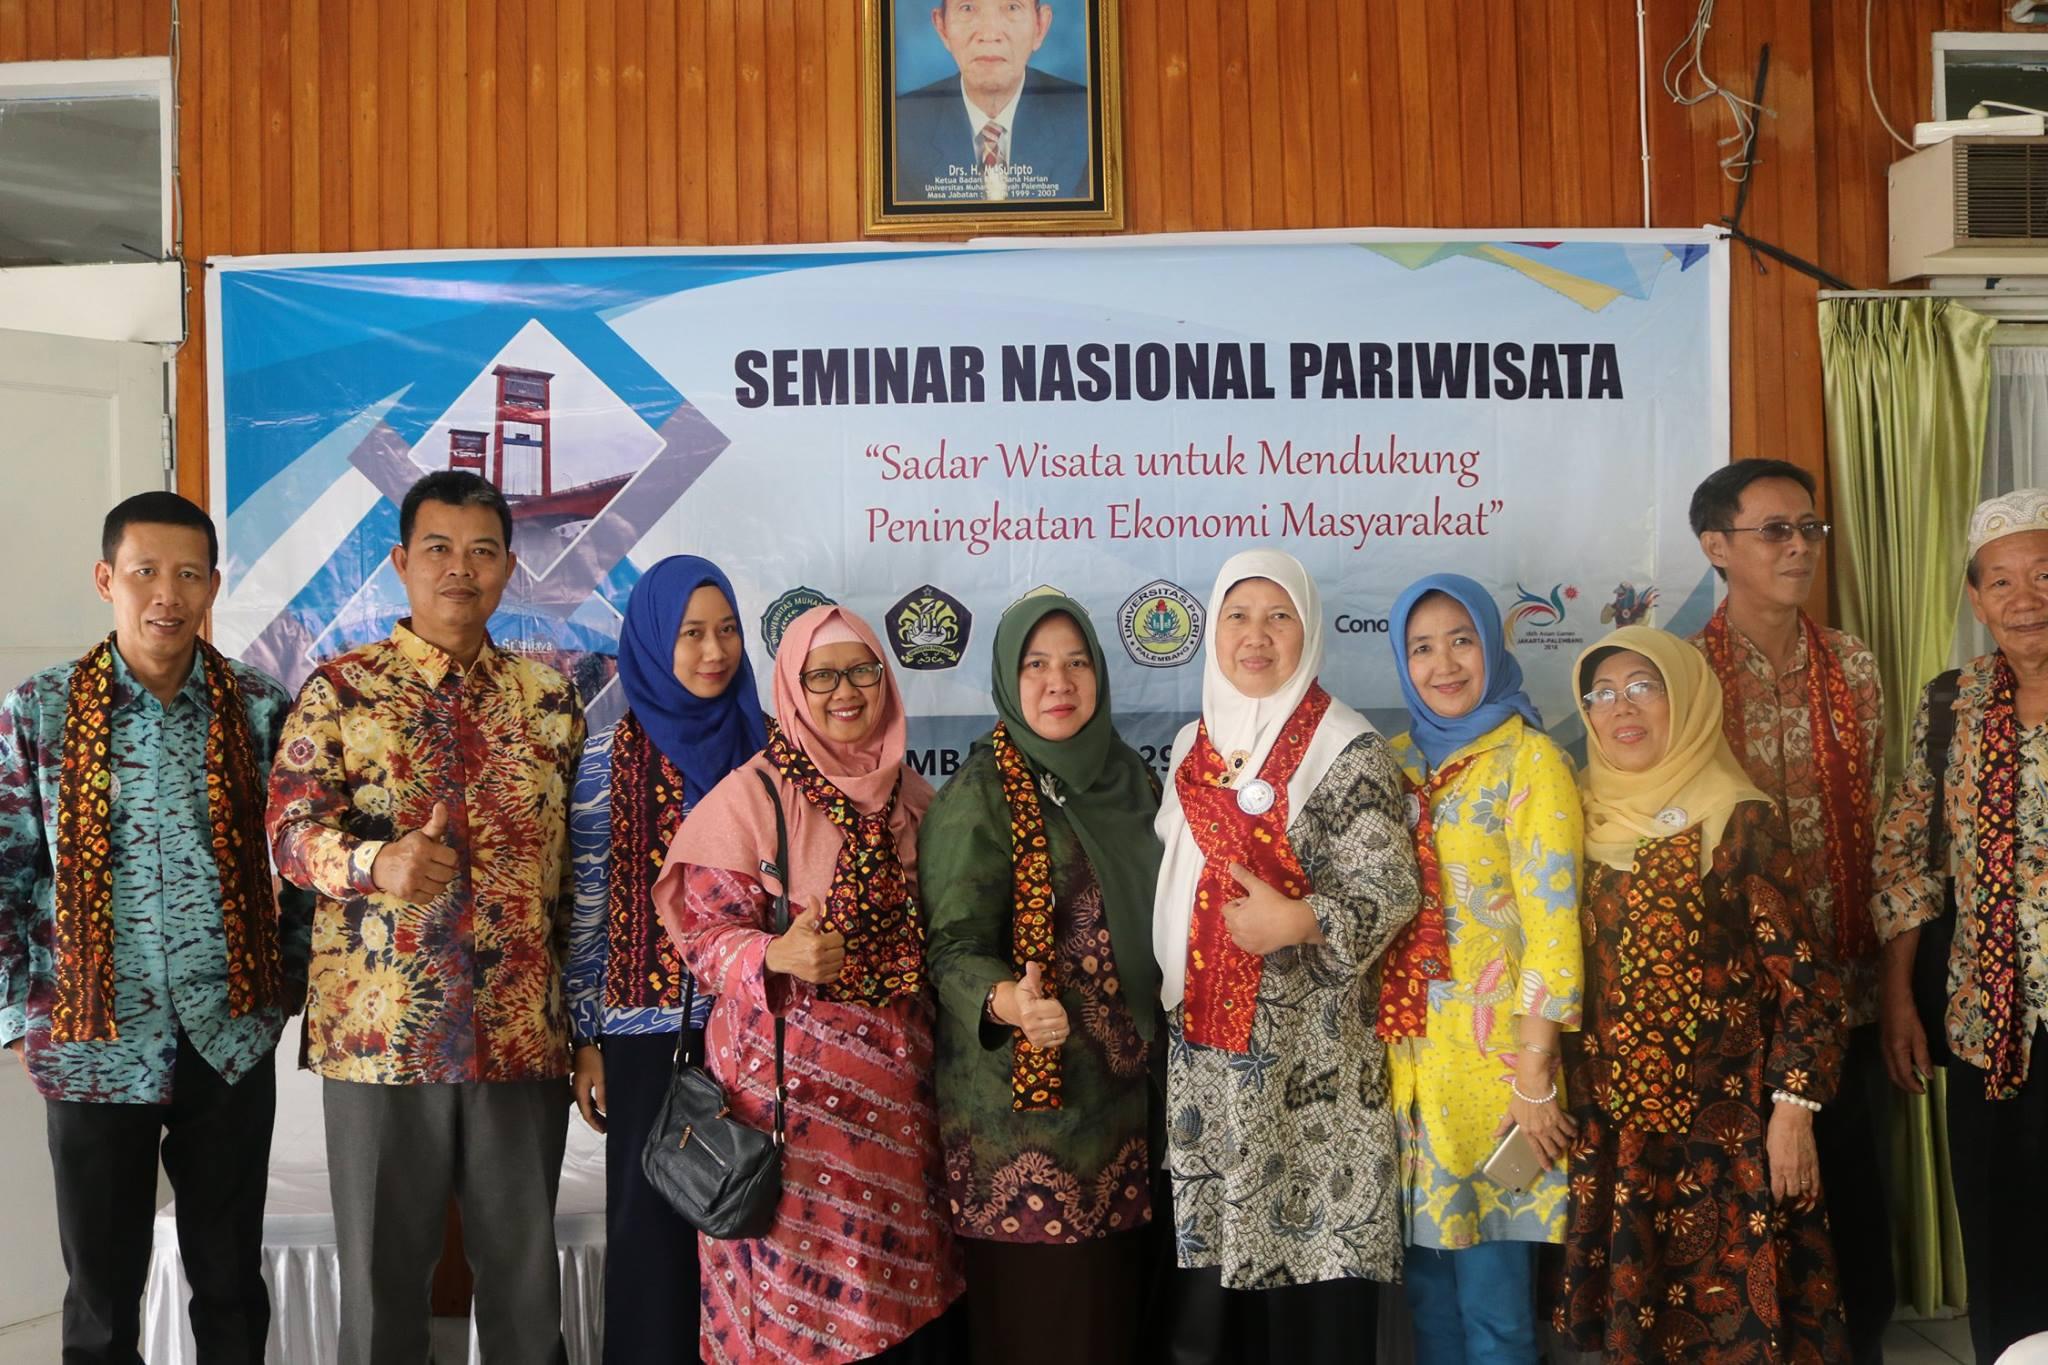 SN Pariwisata Universitas Muhammadiyah Palembang (5)